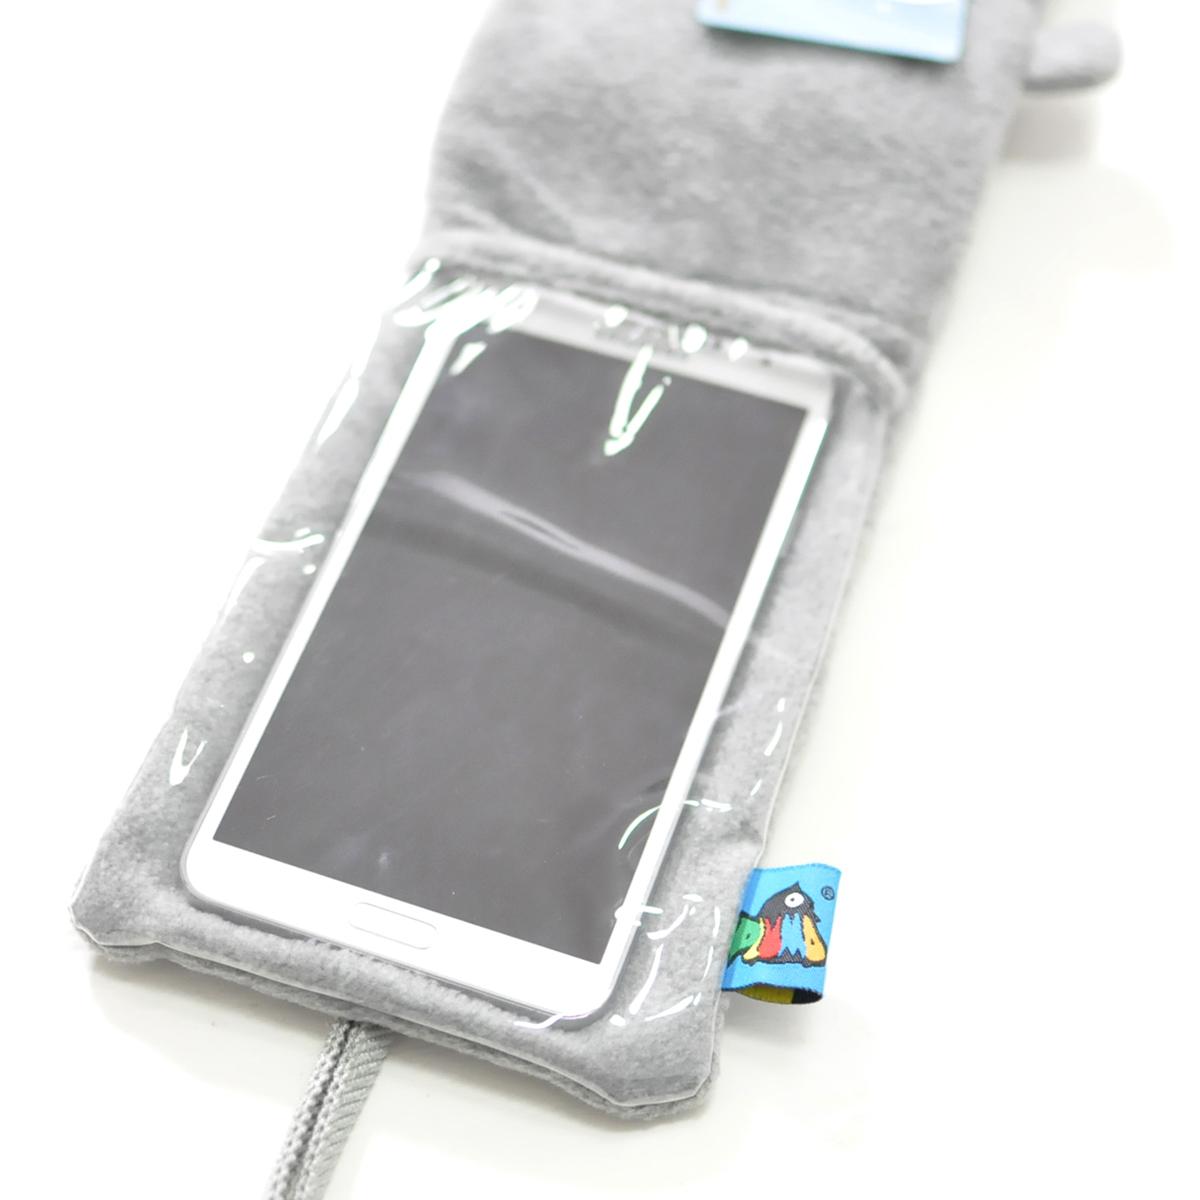 PLUMO三星苹果iPhoneplus挂脖触屏手机包套保护套 可爱手机包多款